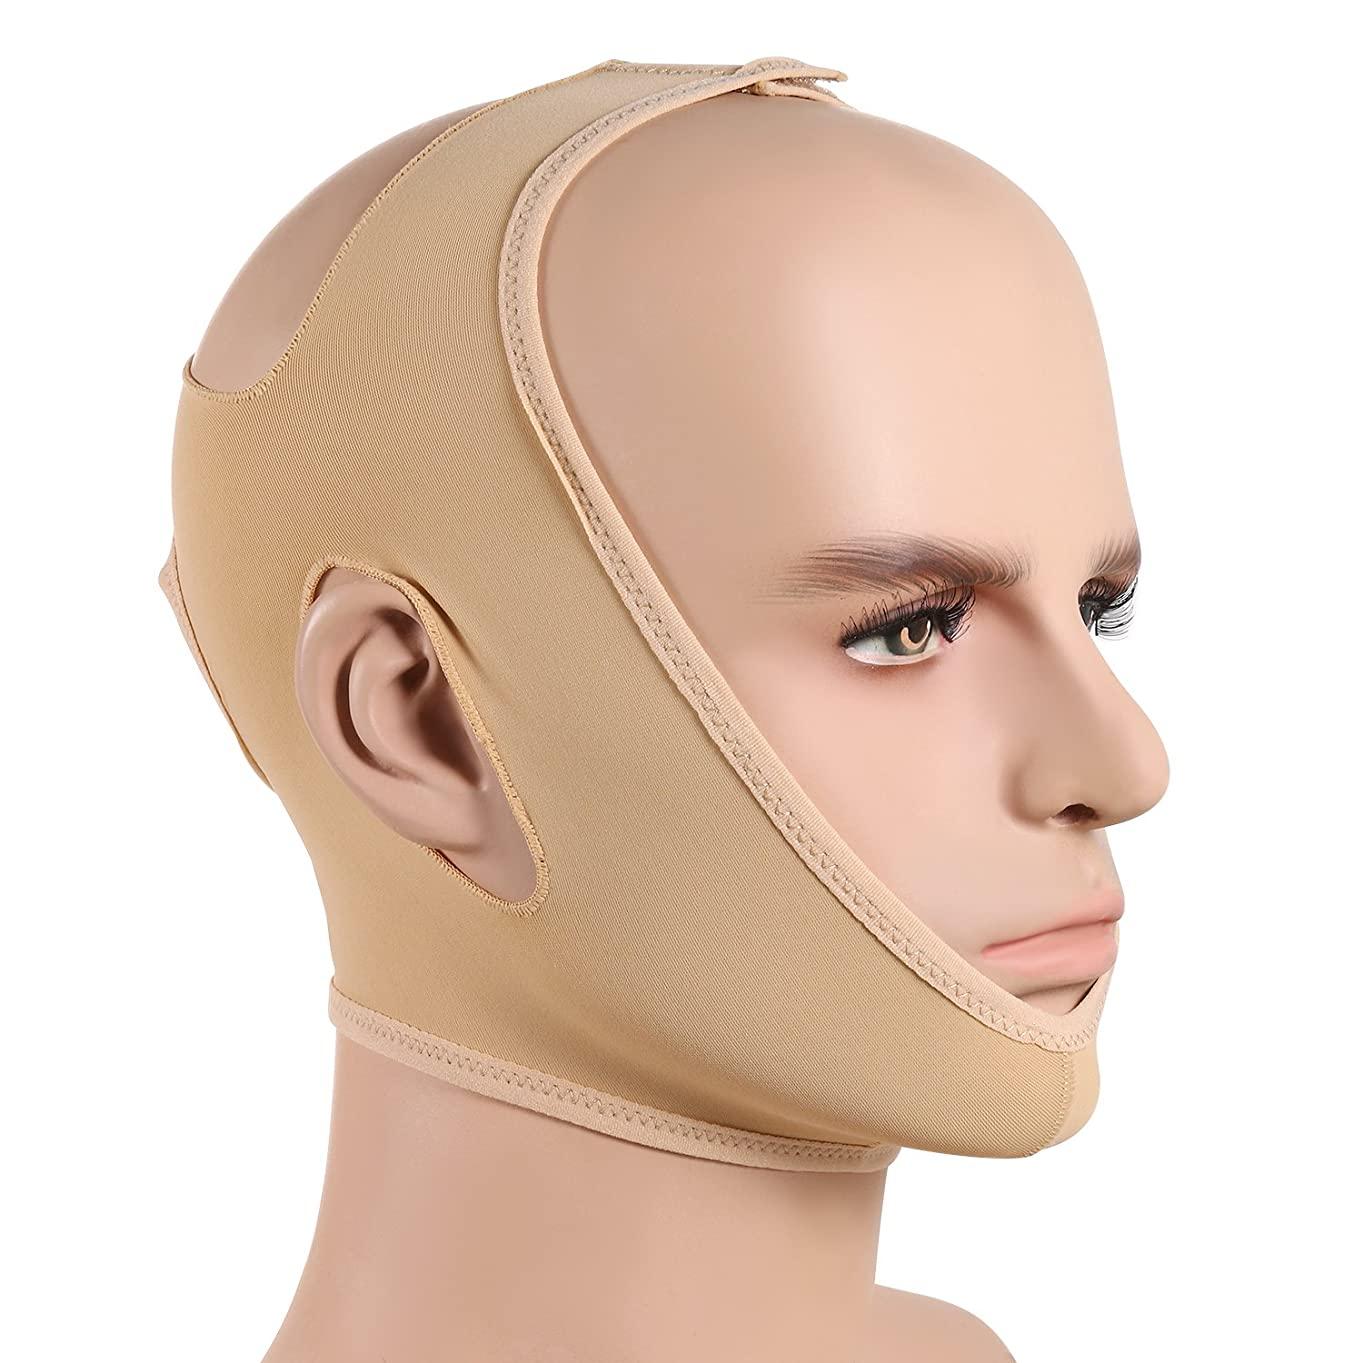 入植者二層平衡JewelryWe 小顔ベルト 美顔マスク 眠りながら 小顔 矯正 額、顎下、頬リフトアップ 小顔マスク 男女兼用 Mサイズ